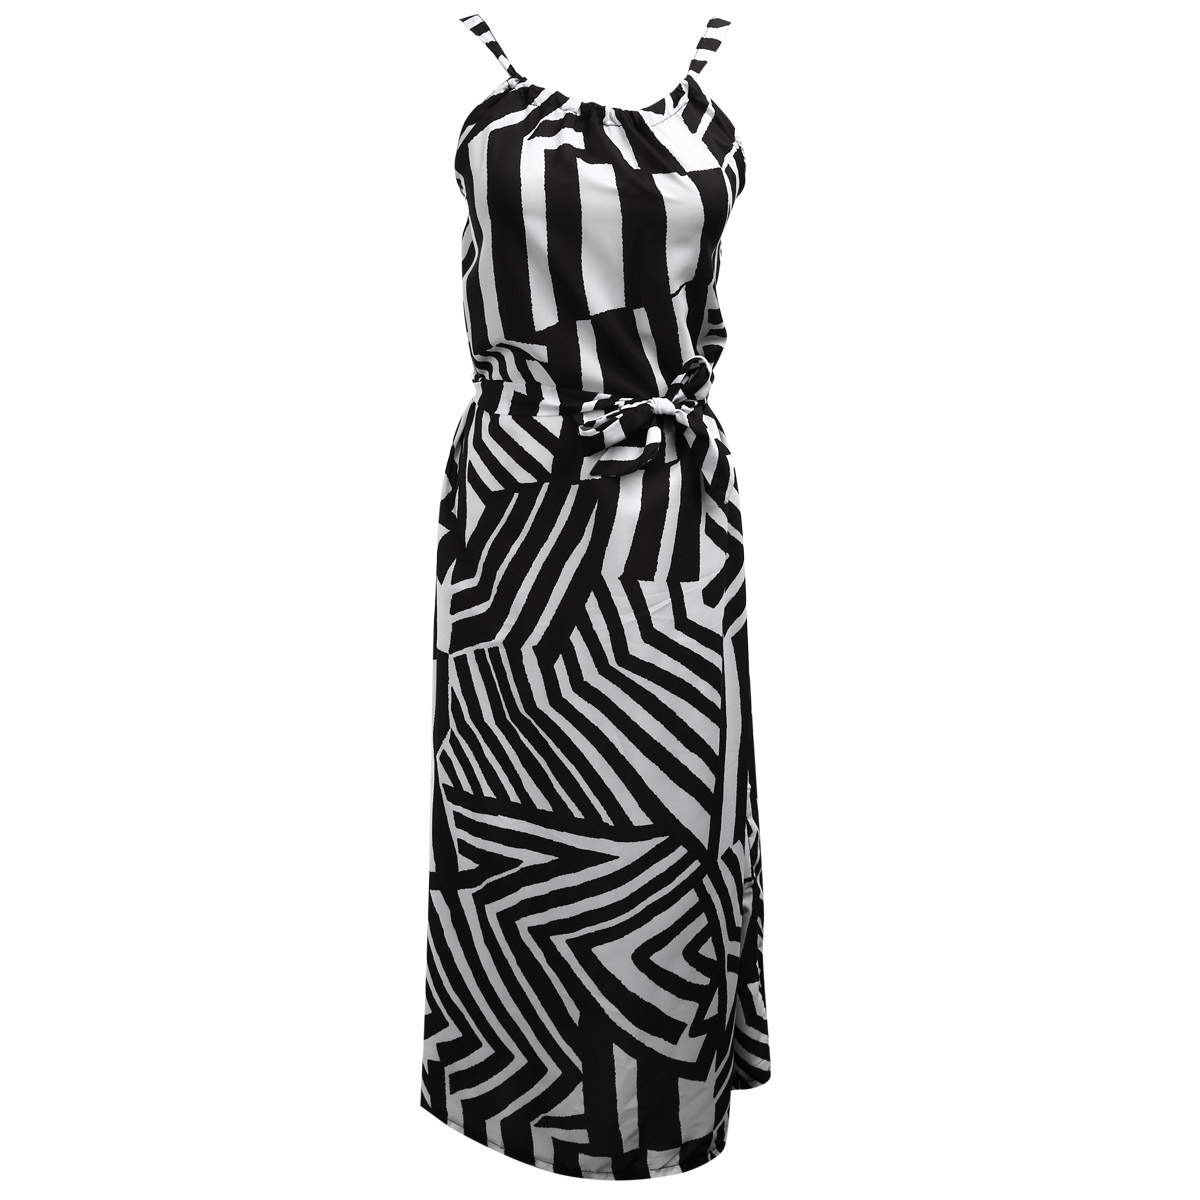 Women Sexy Summer Dress Sleeveless Maxi Long Evening Party Beach Dress Sundress Size S-XL 1